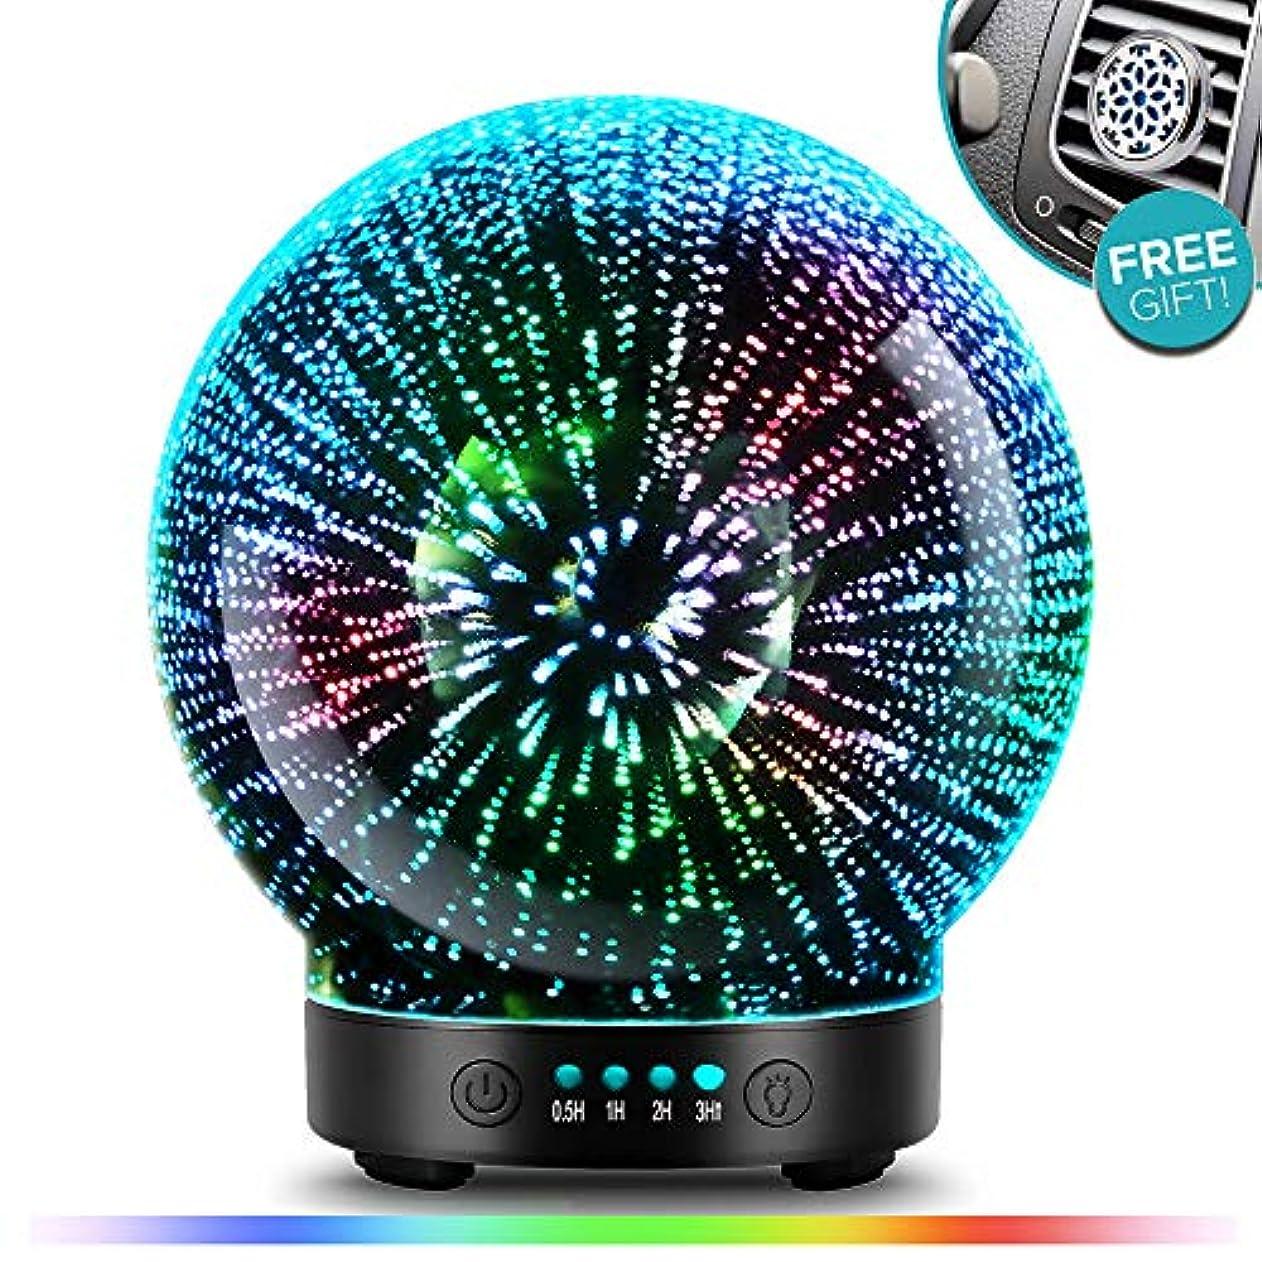 導出消費するソロPOBEES 3グラスアロマエッセンシャルオイルディフューザー - 最新バージョン 香り オイル加湿器7 花火 テーマプレミアム超音波ミスト自動オフ安全スイッチカーベントクリップカラー照明モードを主導